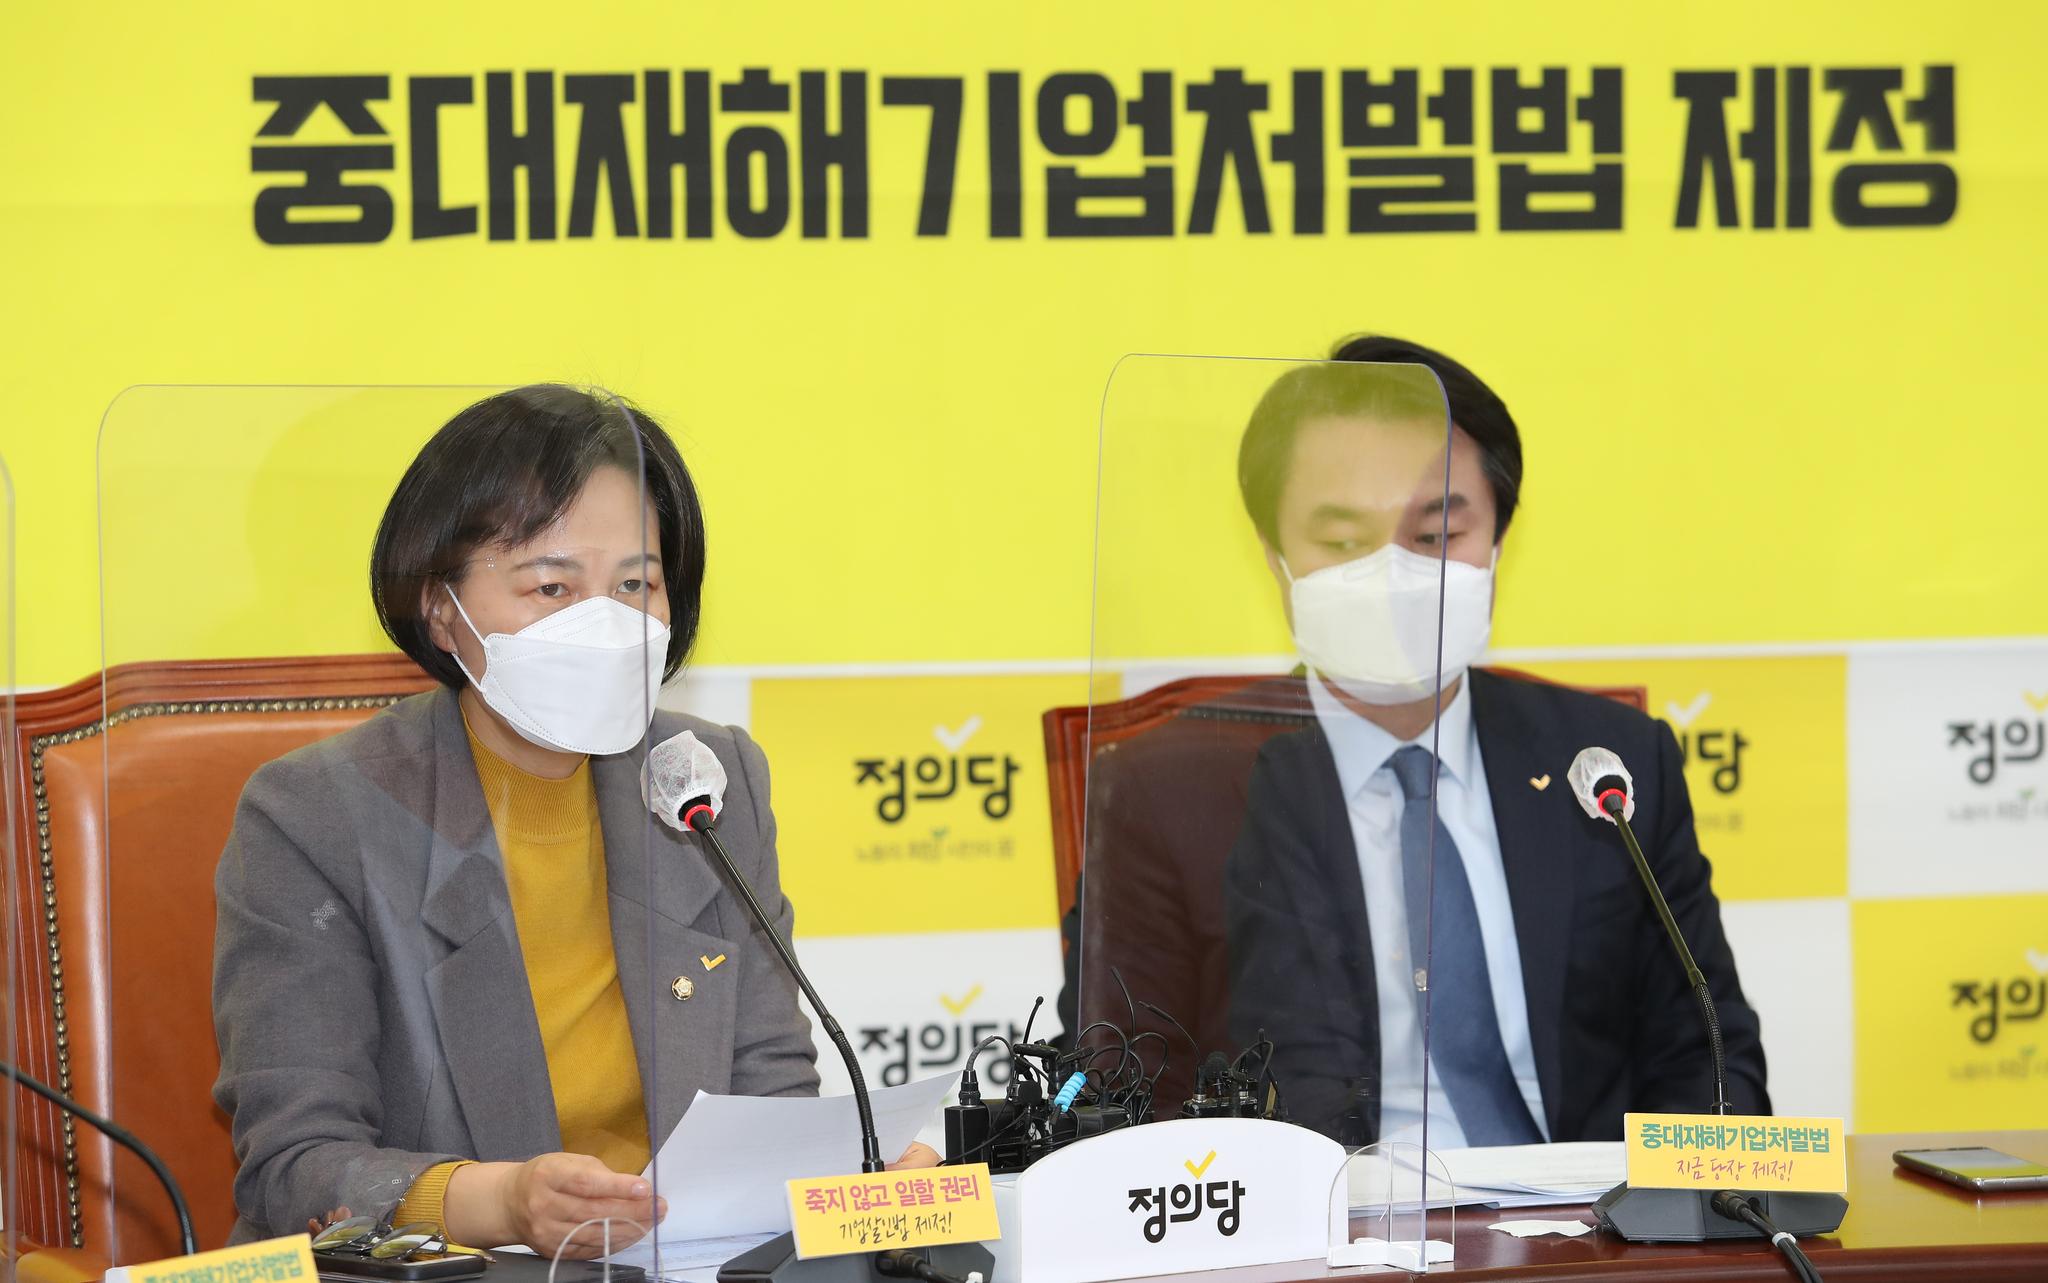 강은미 정의당 원내대표가 26일 국회에서 열린 상무위원회에서 발언하고 있다. 연합뉴스